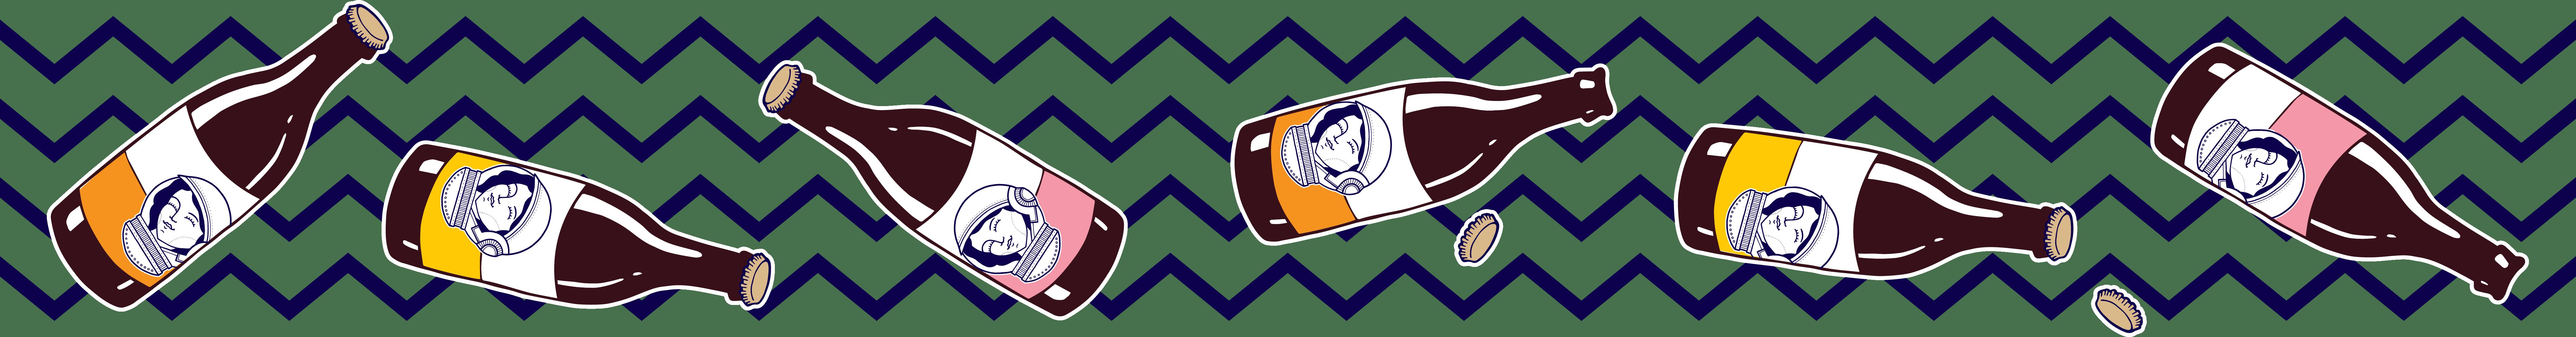 Illustratie van de flesjes 250ml van Aard'g